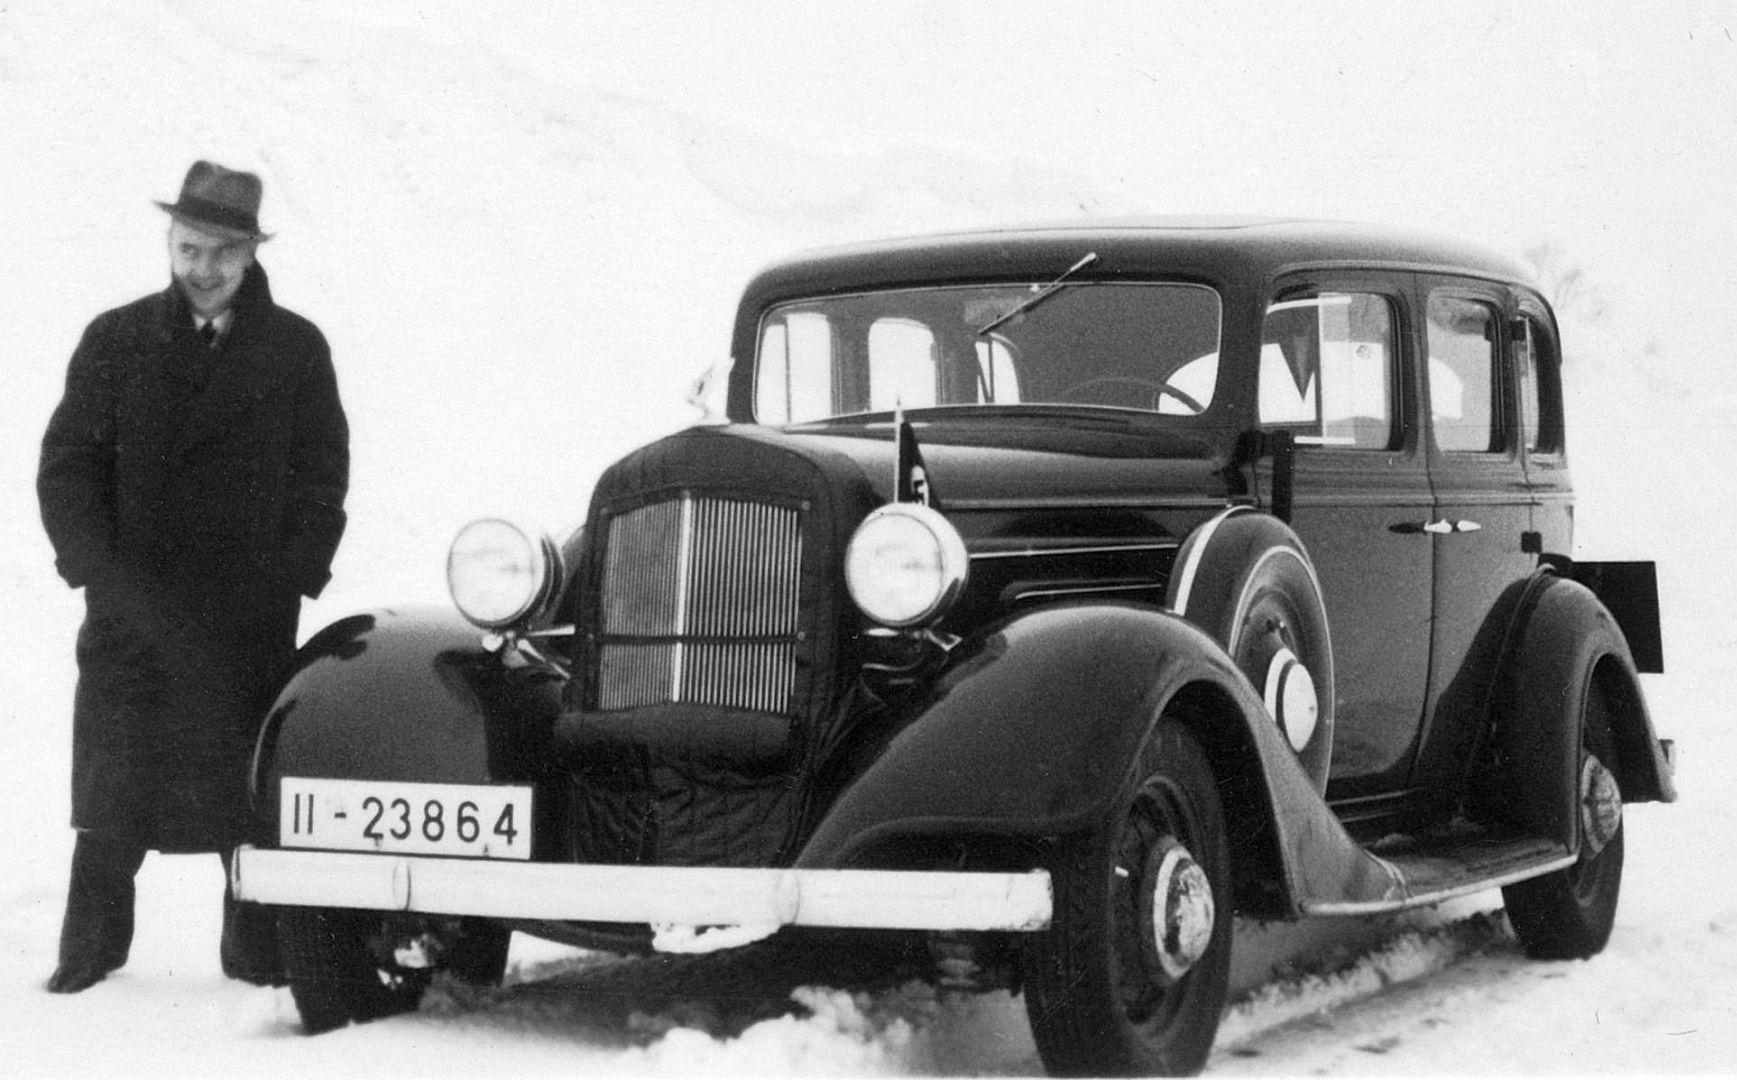 Chevrolet_Standard_1934_02-1935_Galerie